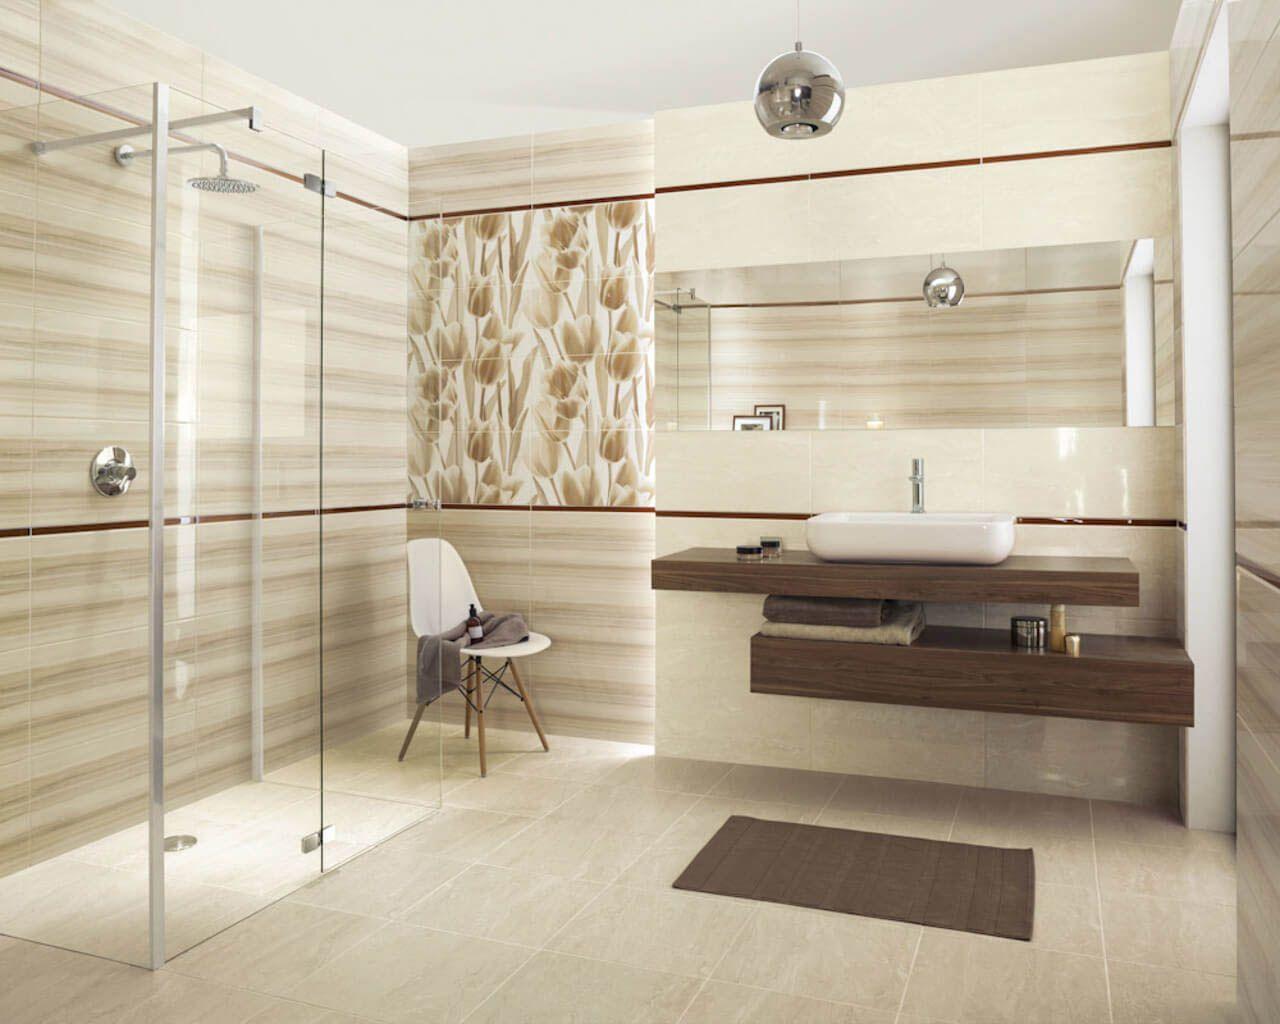 Przestronna Tradycyjna łazienka W Marmurowych Beżach I